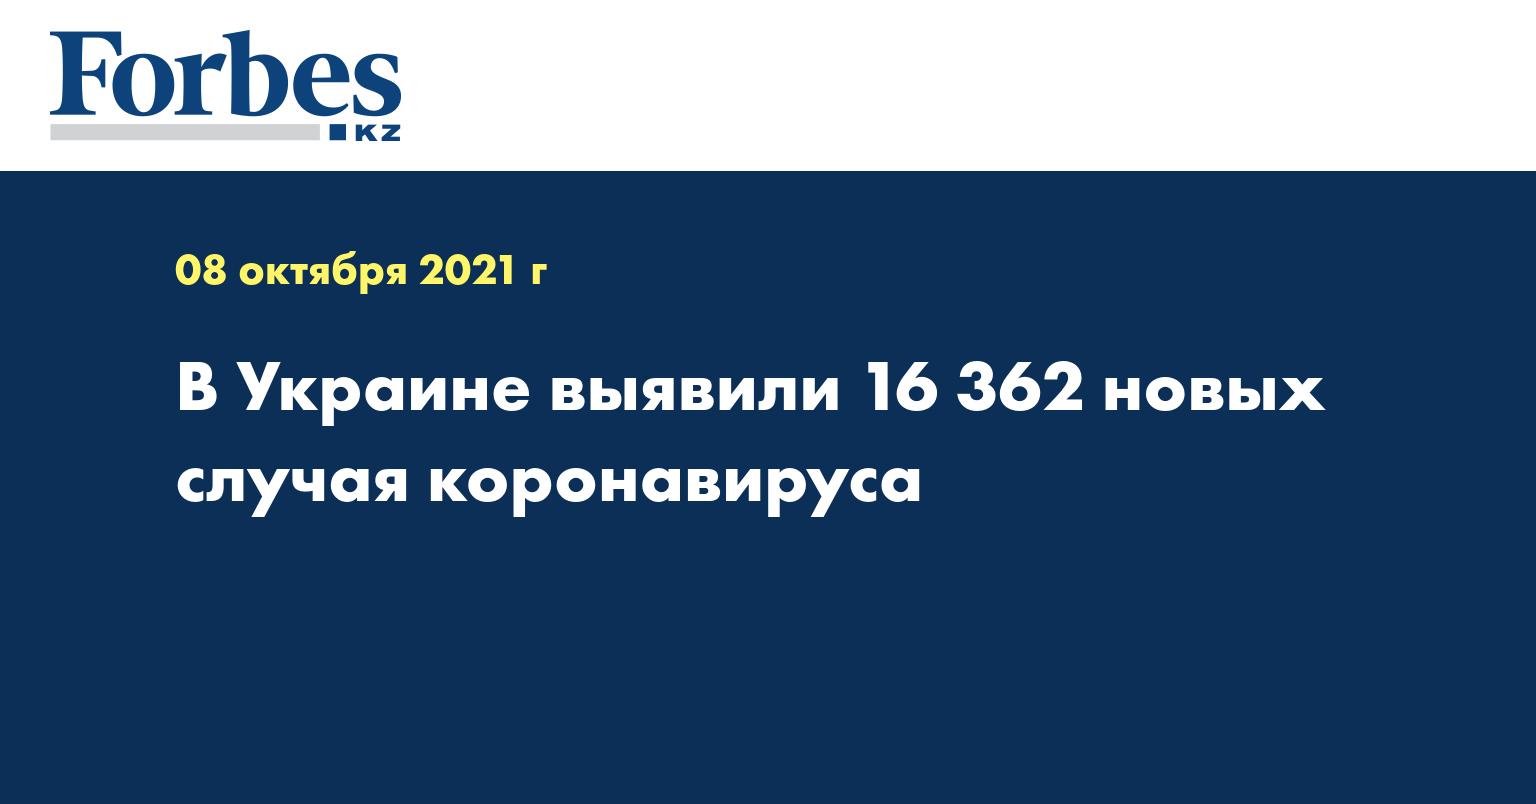 В Украине выявили 16 362 новых случая коронавируса